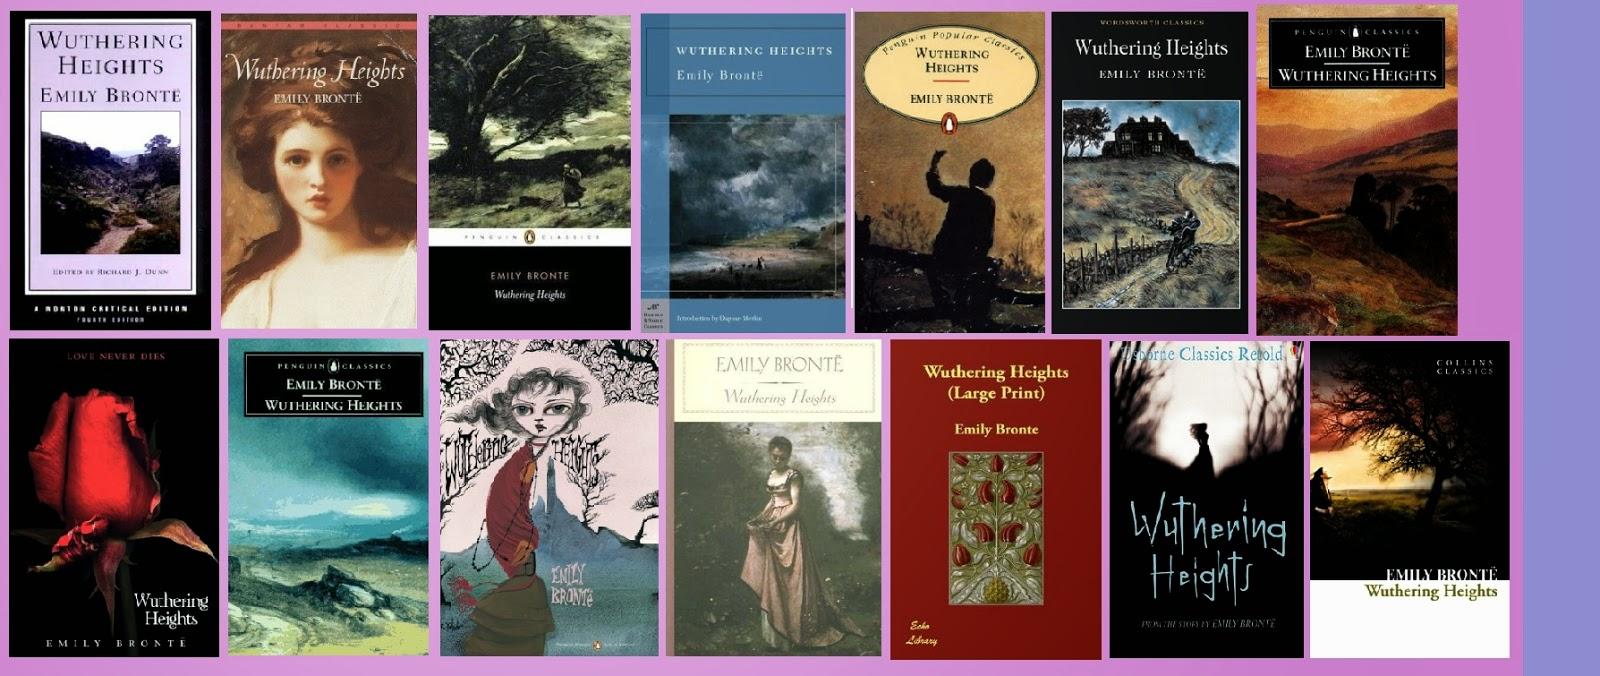 portadas de la novela clásica sentimental Cumbres Borrascosas, de Emily Brontë